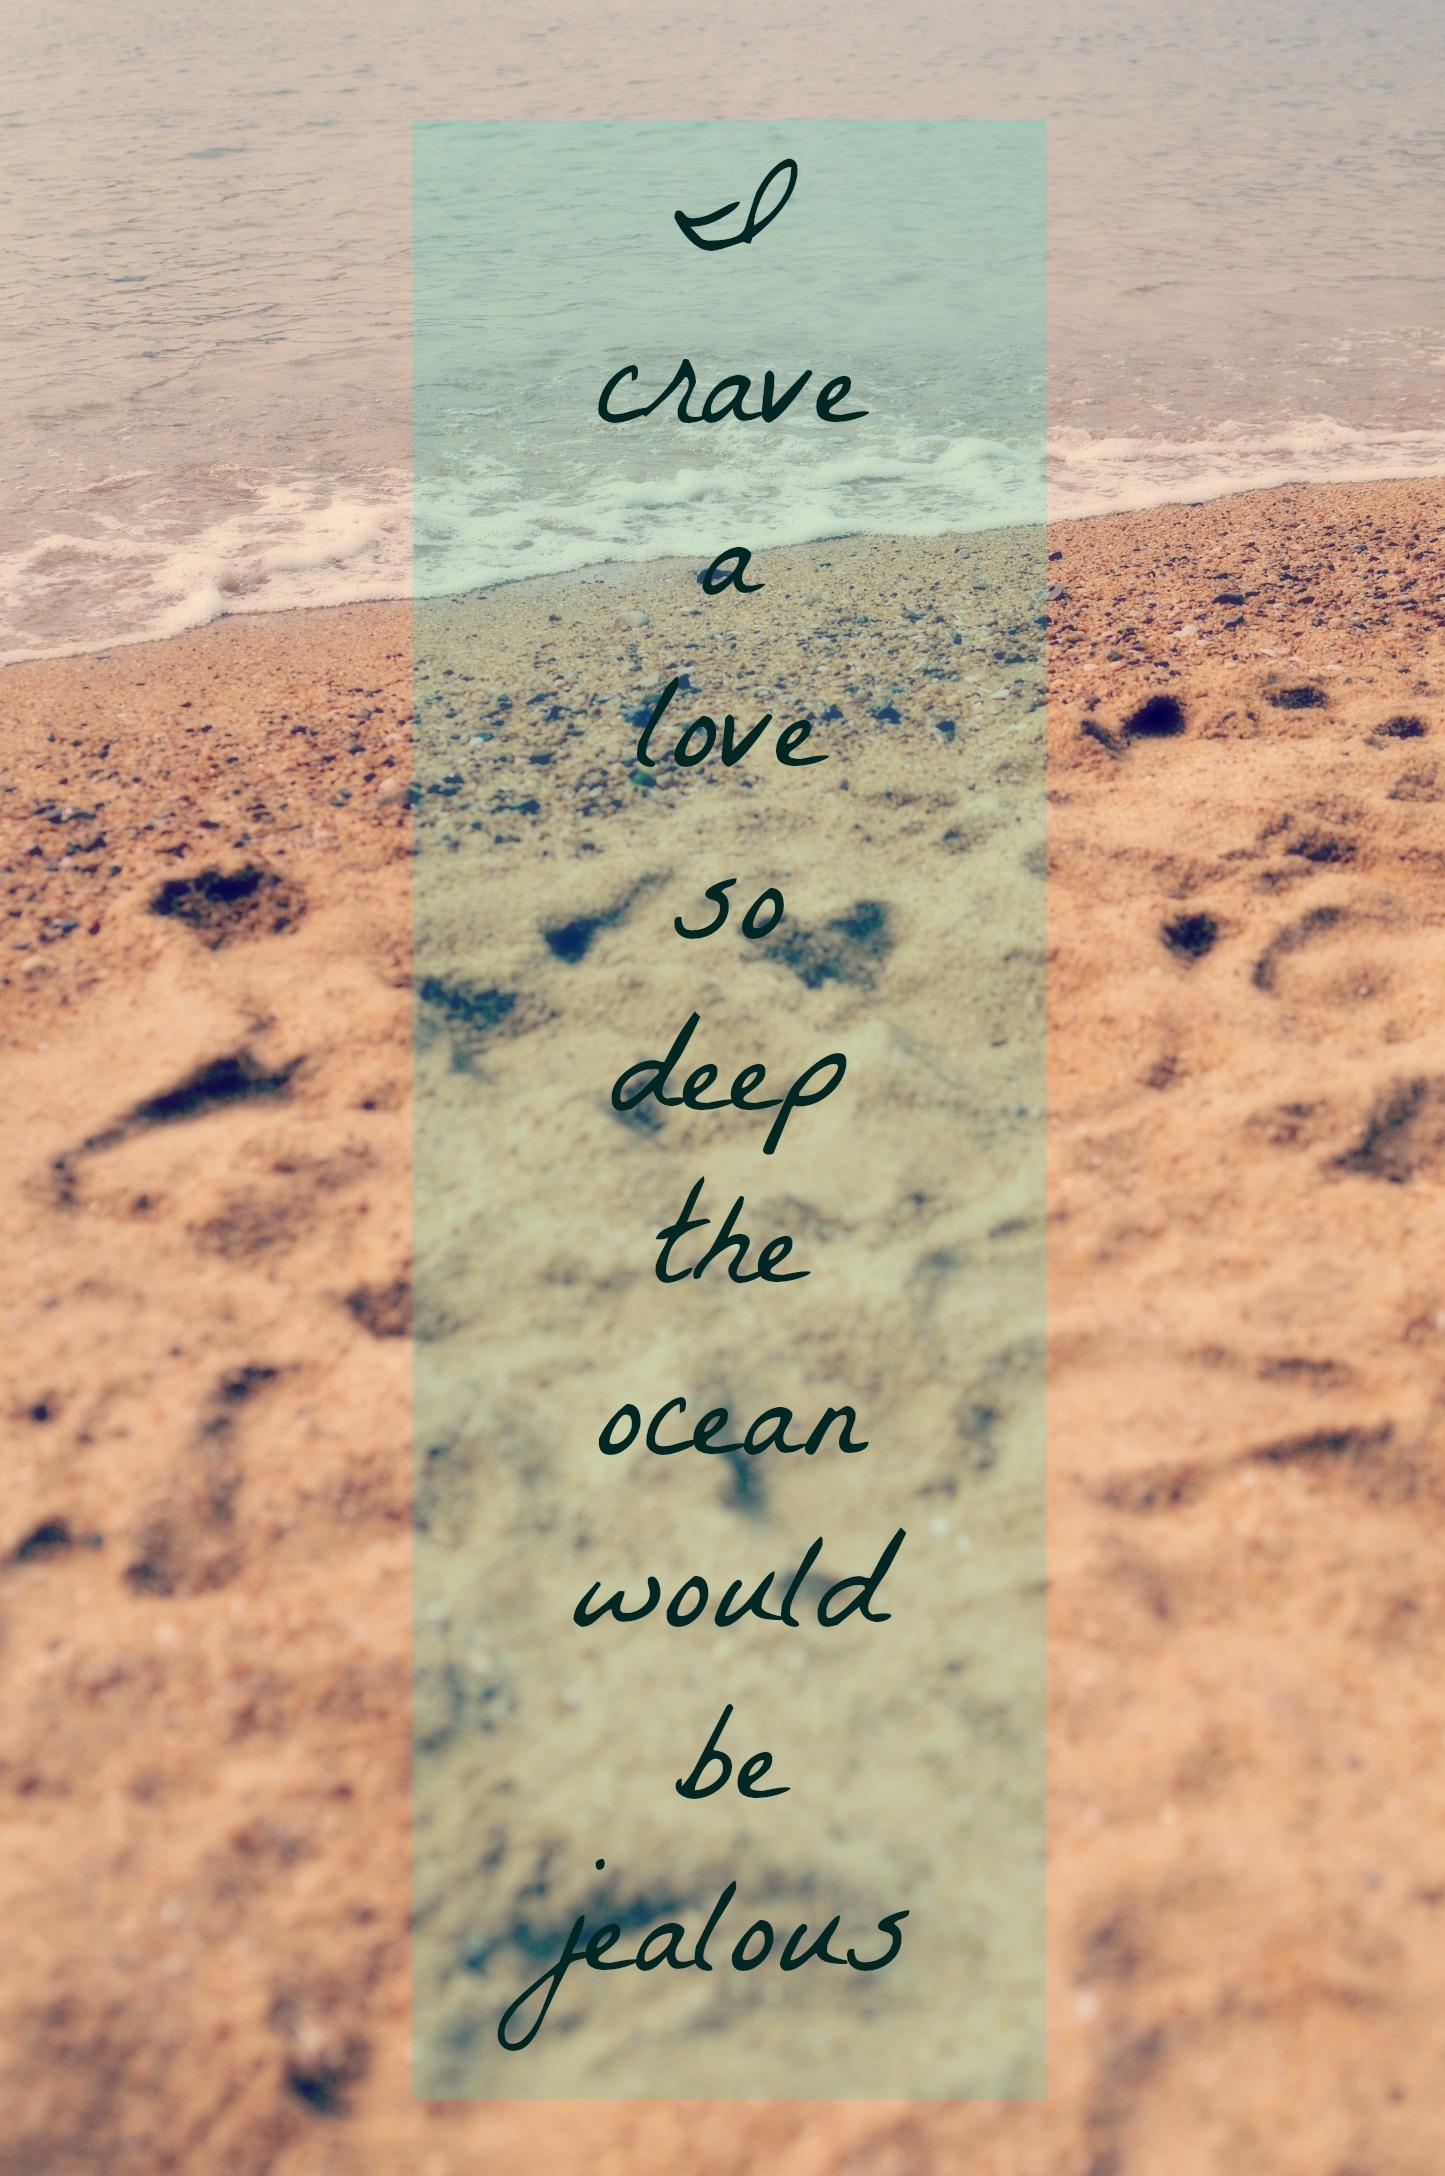 Craving quotes quotesgram